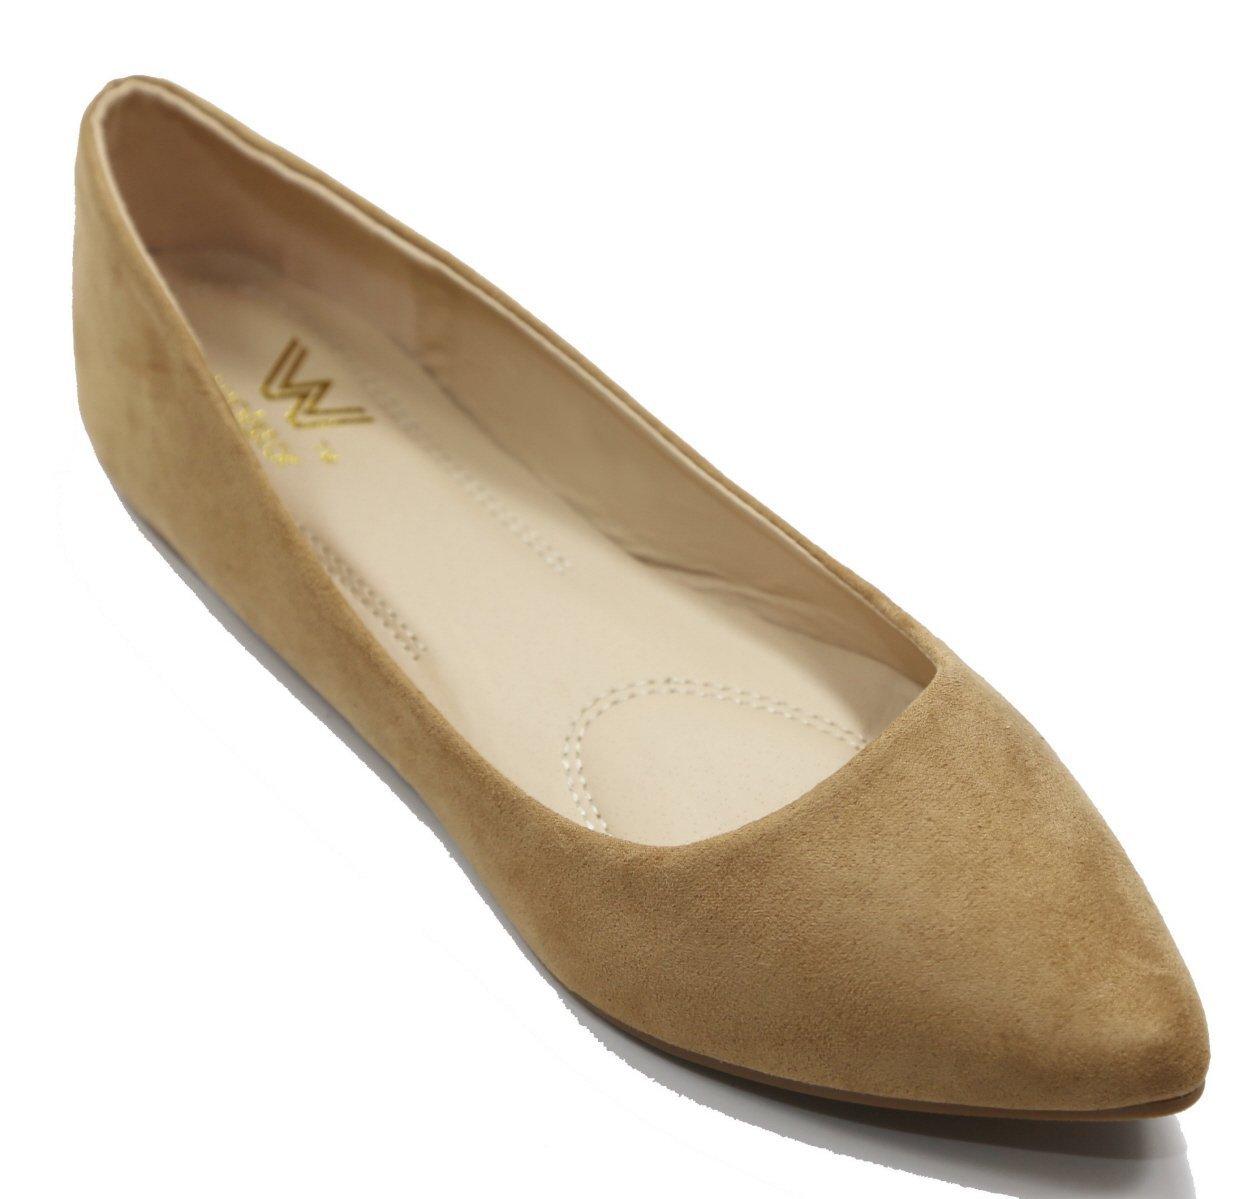 Walstar Women's Basic Point Toe Ballet Flats B00U6MAKIO 7.5 B(M) US|Su7-beige